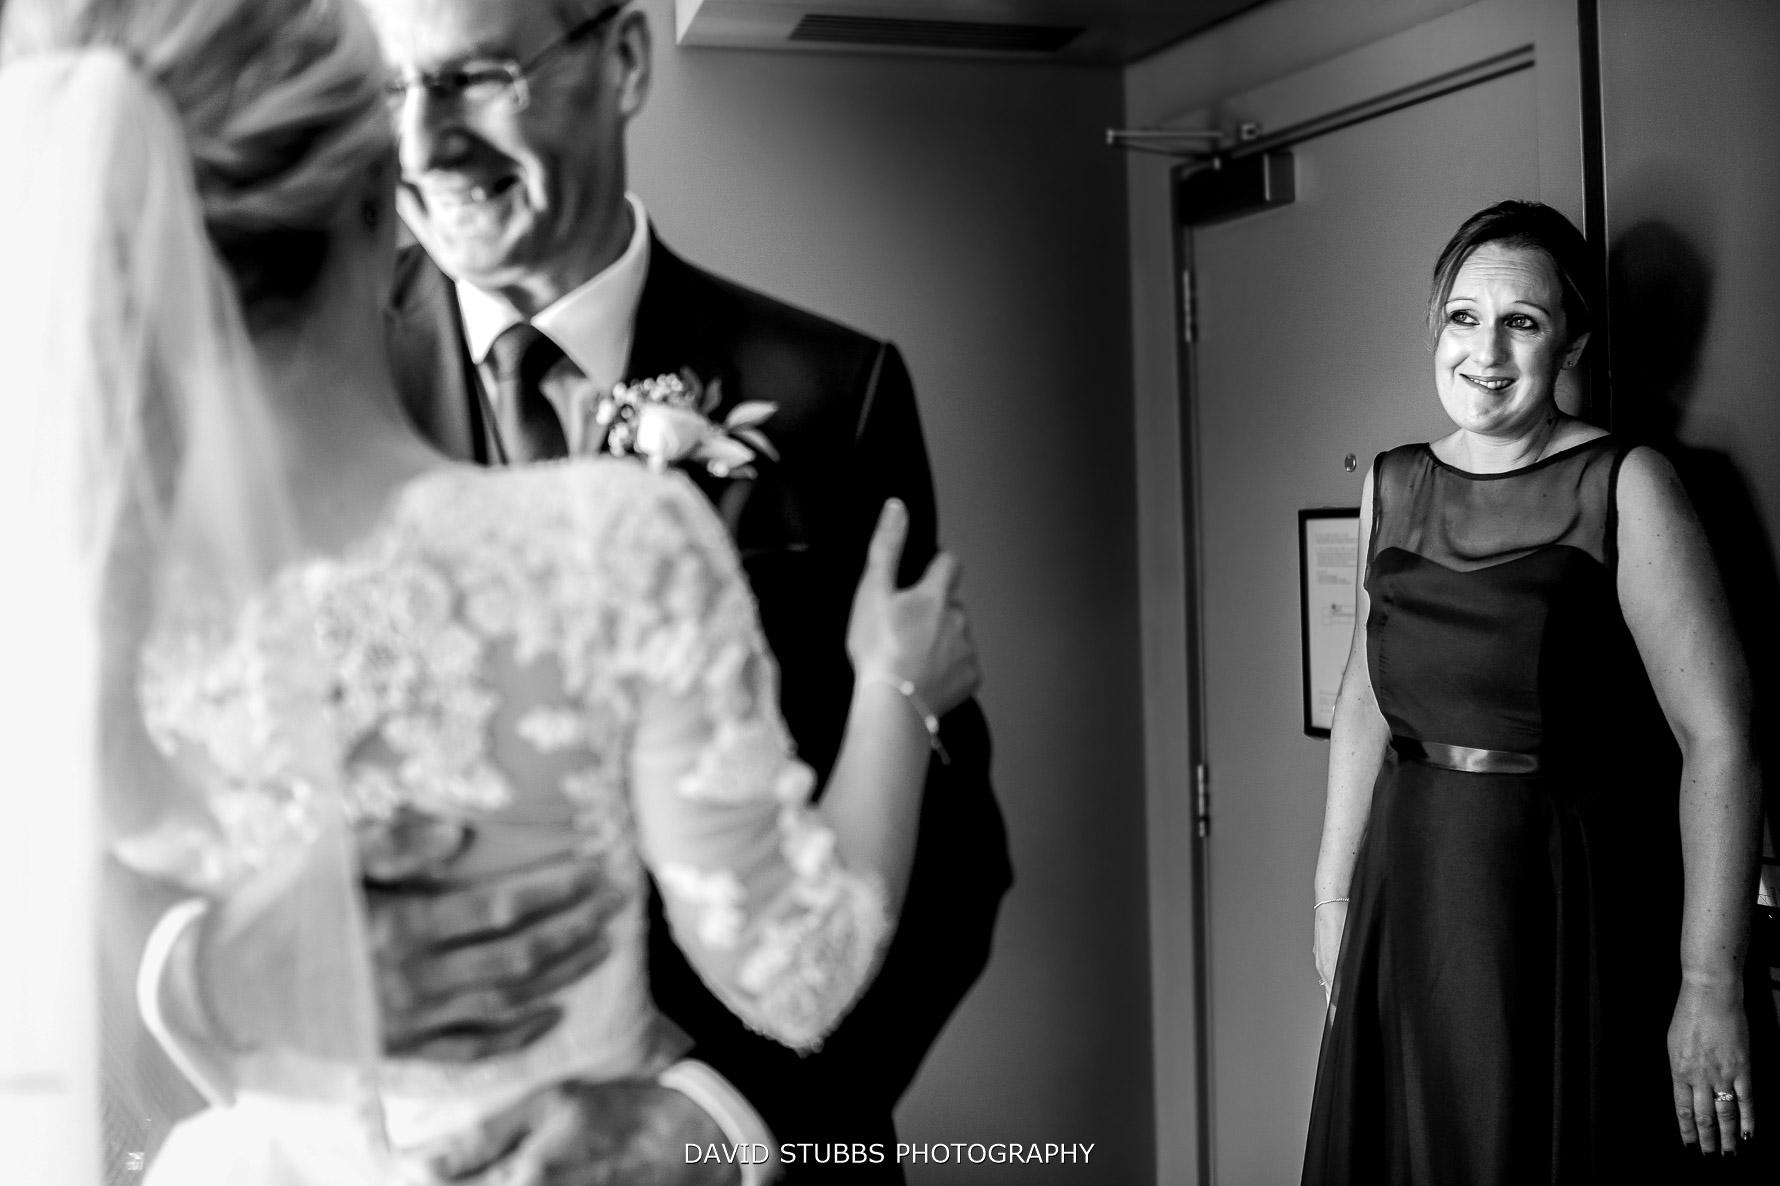 bridesmaid emotional seeing her